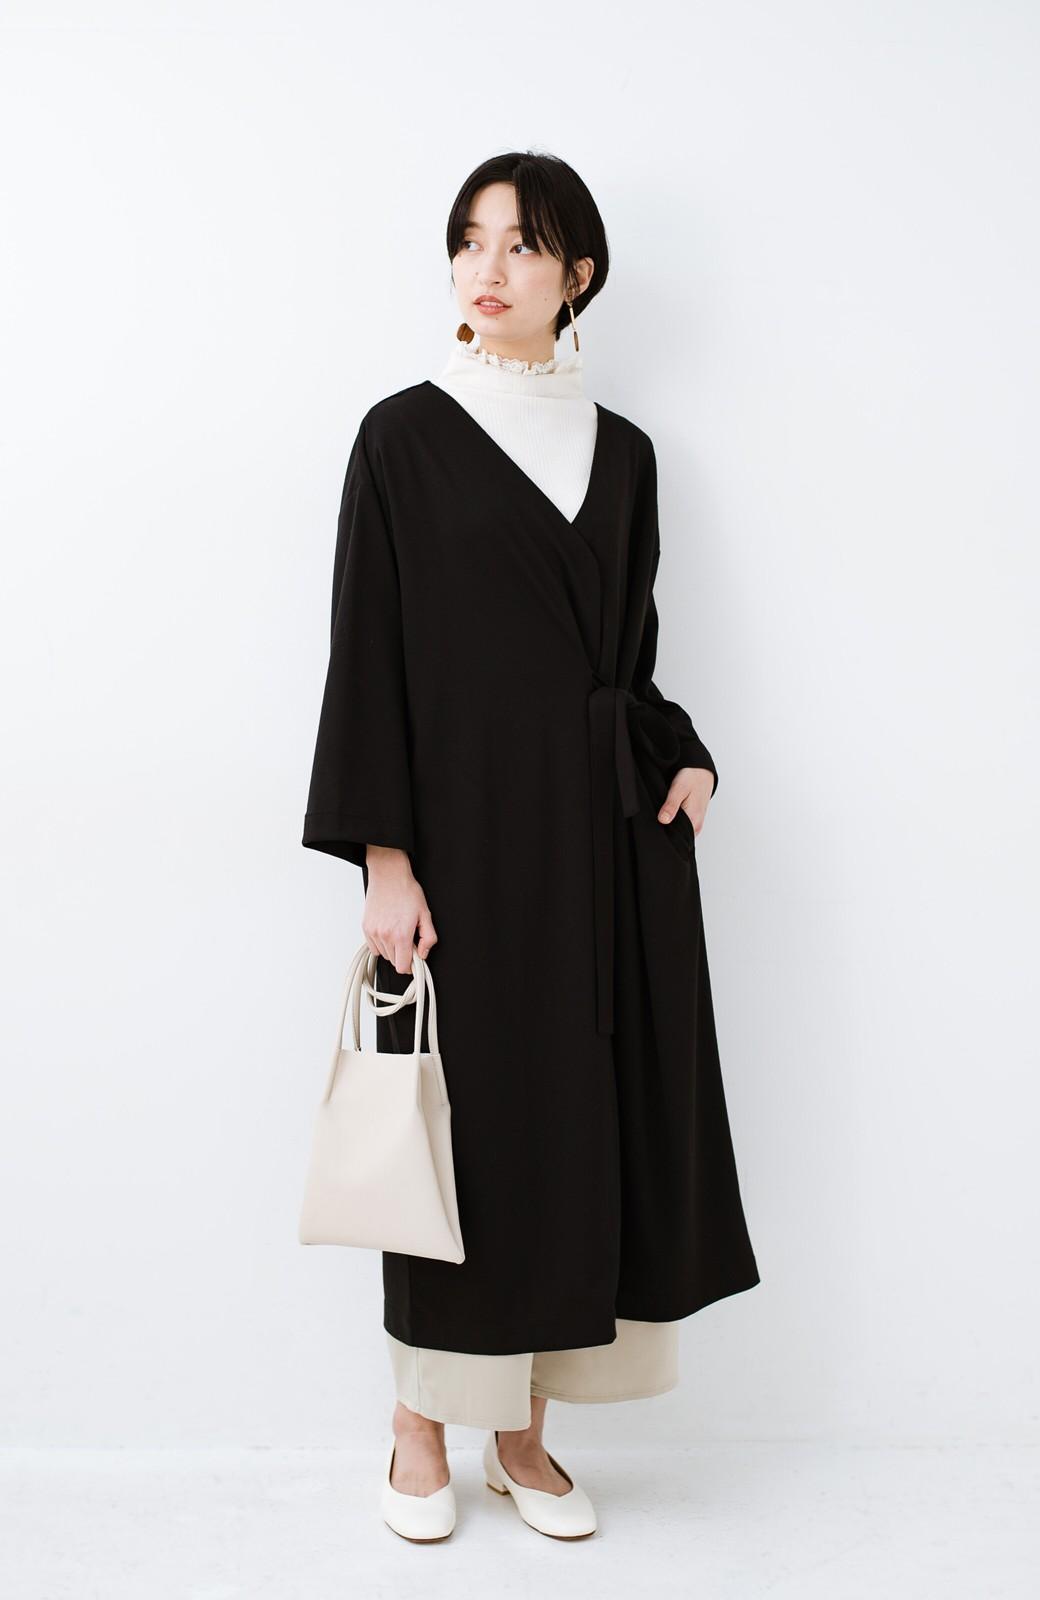 haco! サイドリボンと落ち感が女っぽい 羽織り&重ね着を楽しむカットソーワンピース <ブラック>の商品写真7